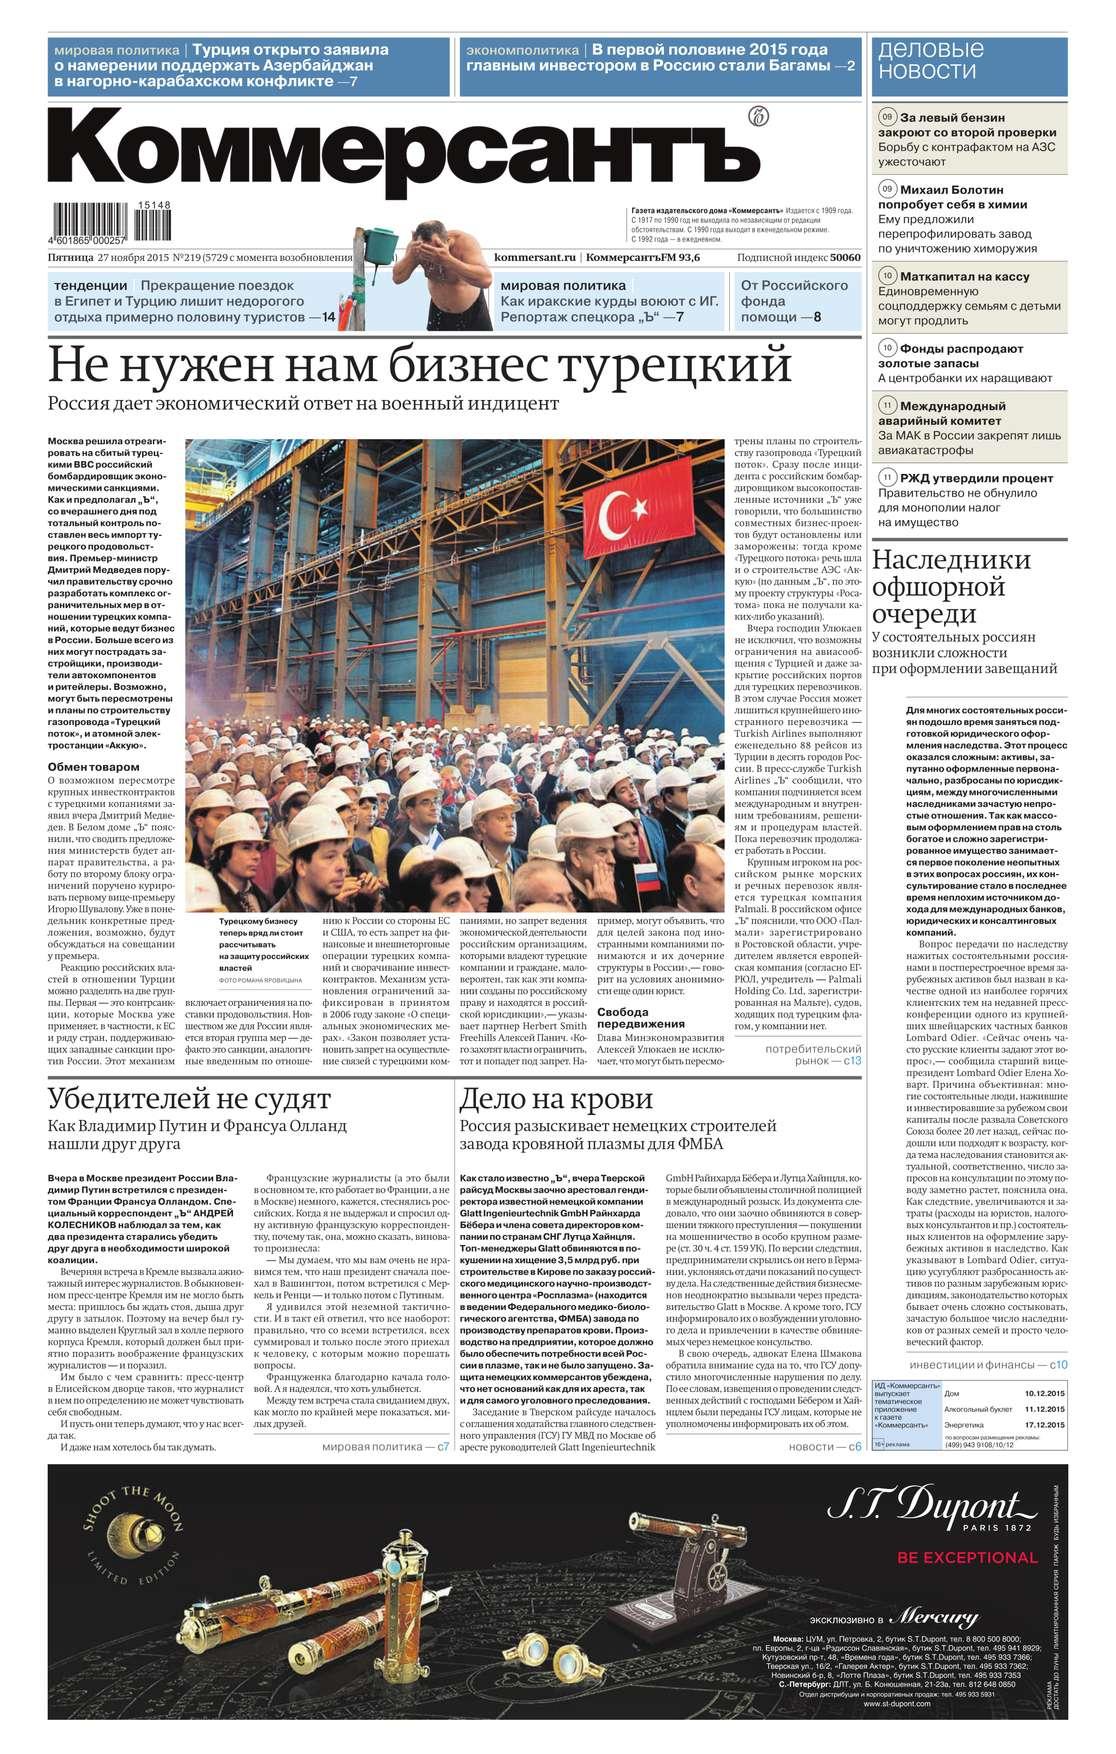 Редакция газеты Коммерсантъ (понедельник-пятница) Коммерсантъ (понедельник-пятница) 219-2015